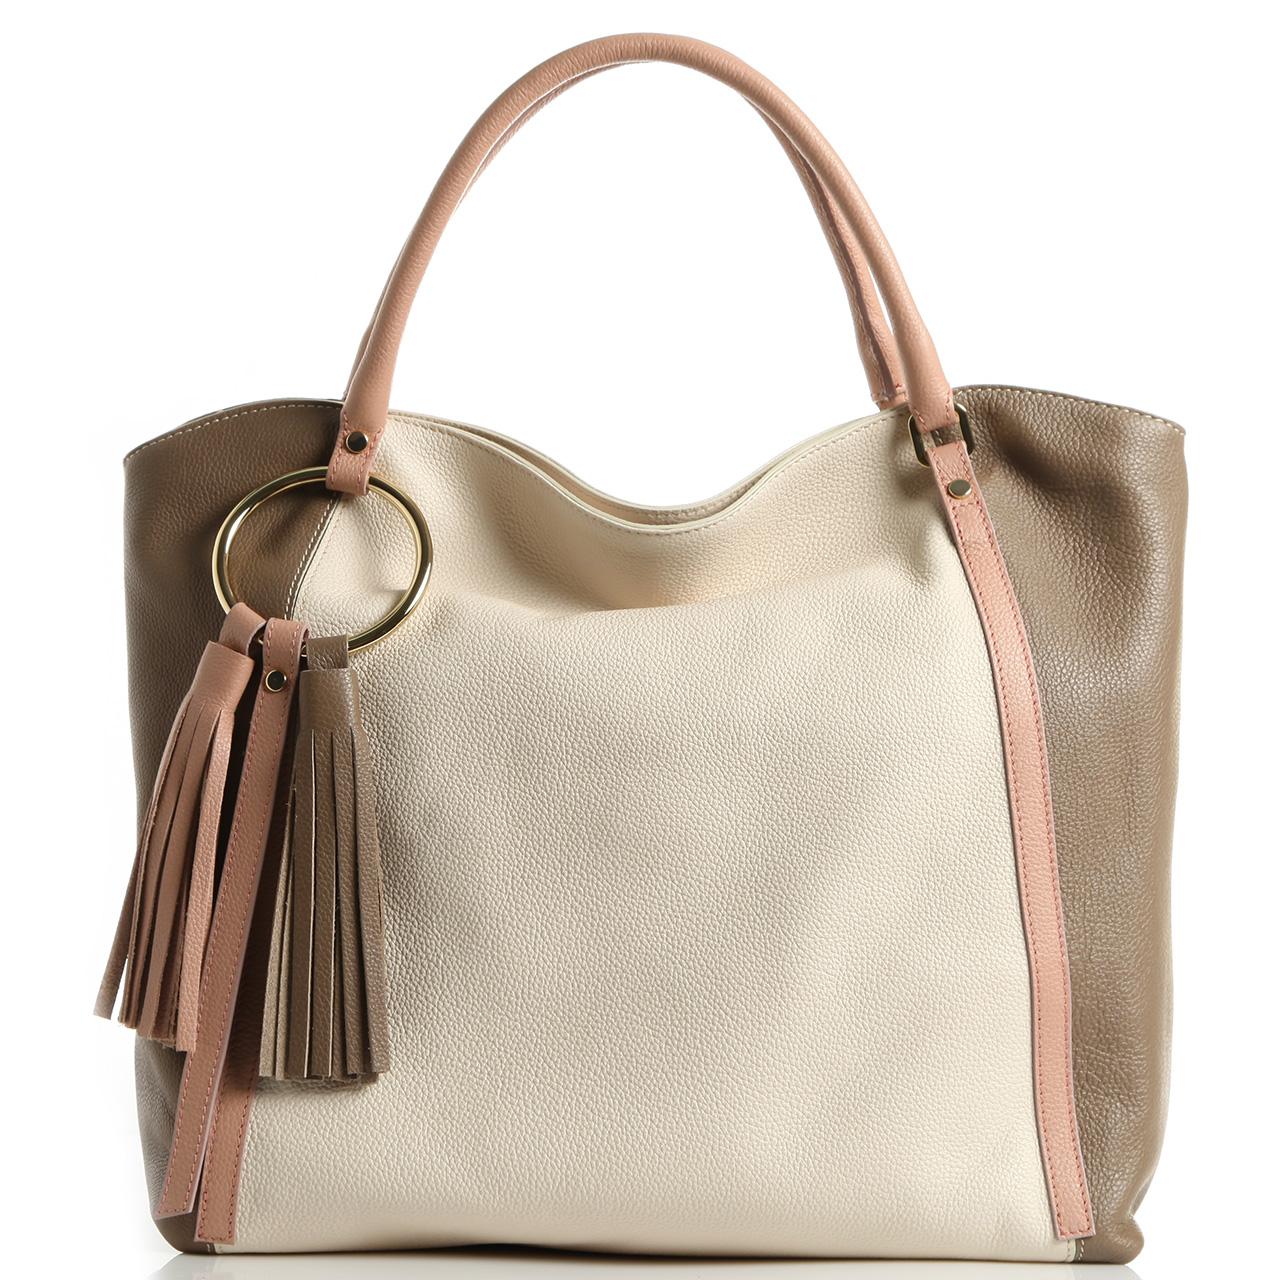 c9f1e63c61e8 Кожаная сумка Di Gregorio купить от интернет-магазина Домани